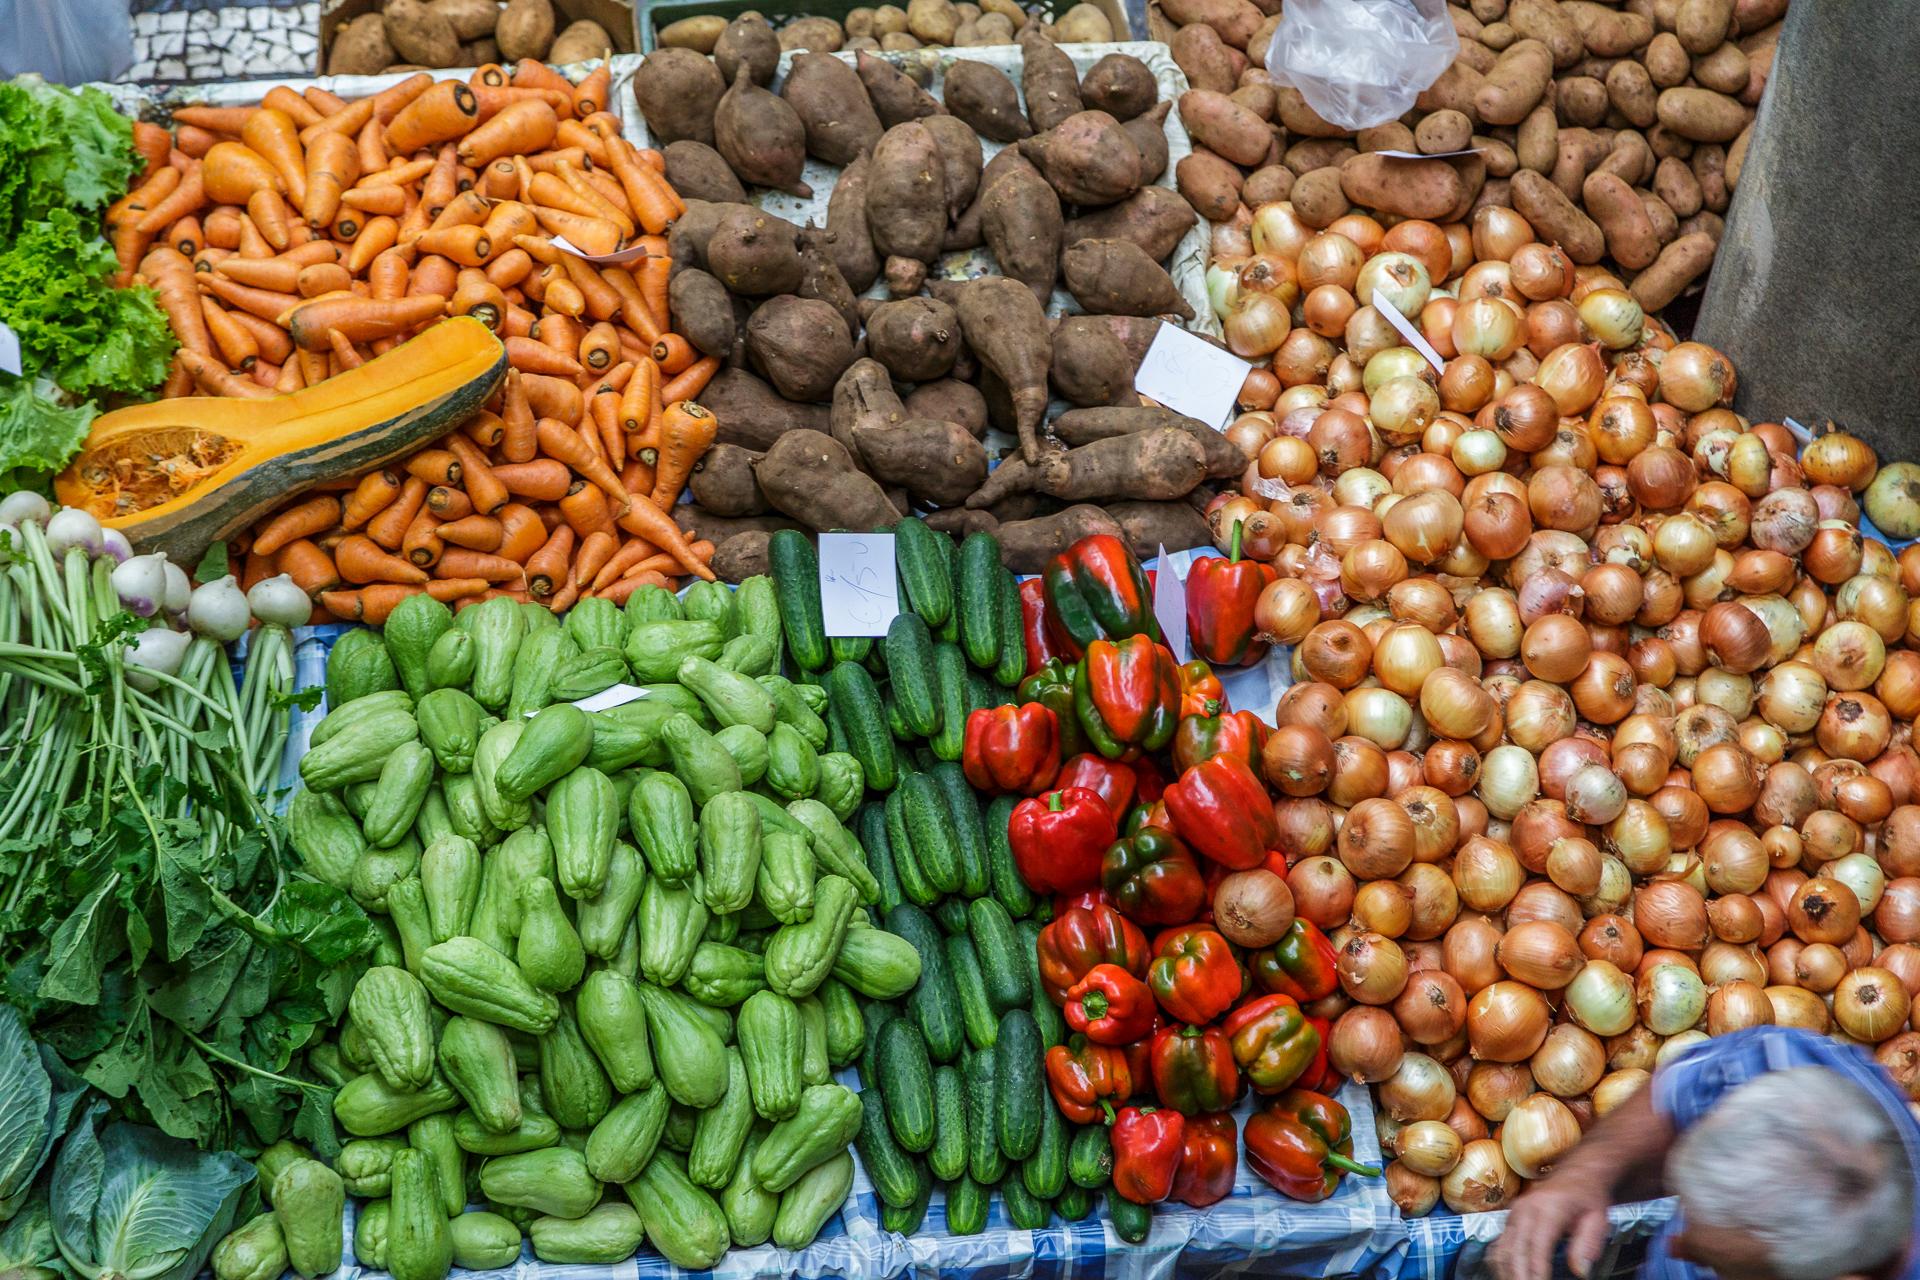 Mercado-dos-Lavradores-Funchal